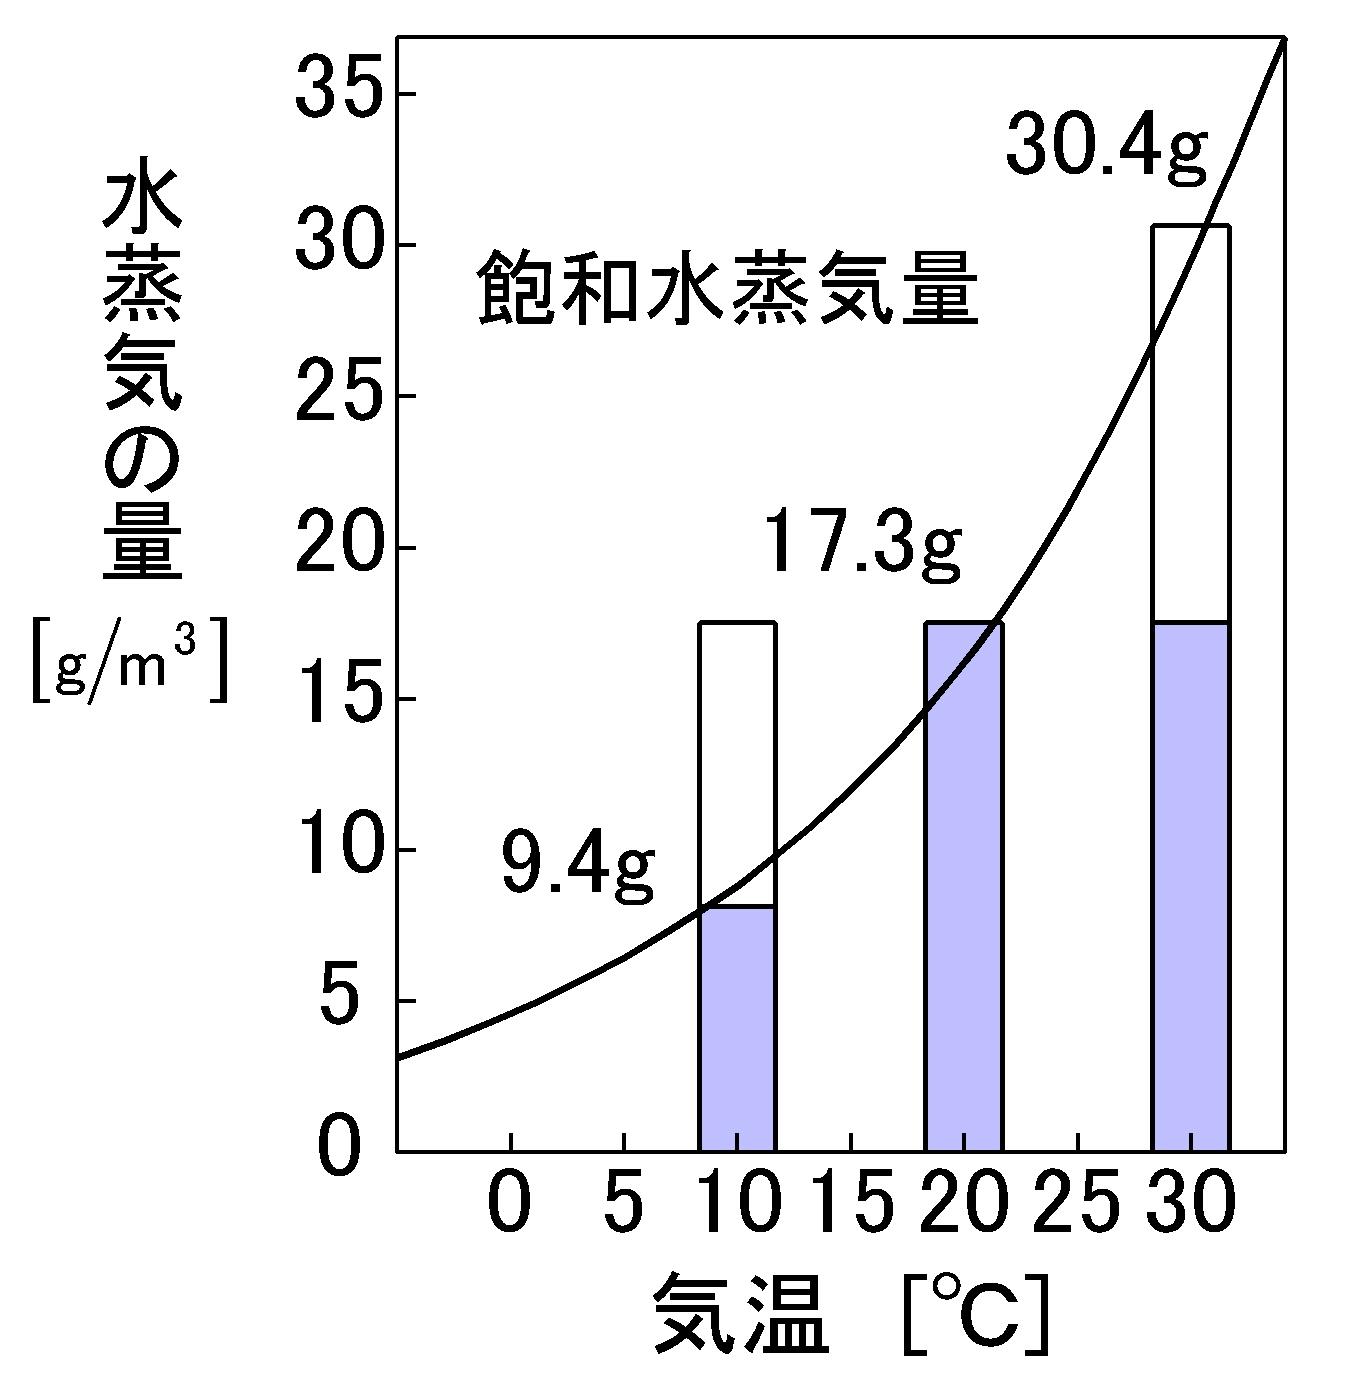 飽和 水蒸気 量 計算